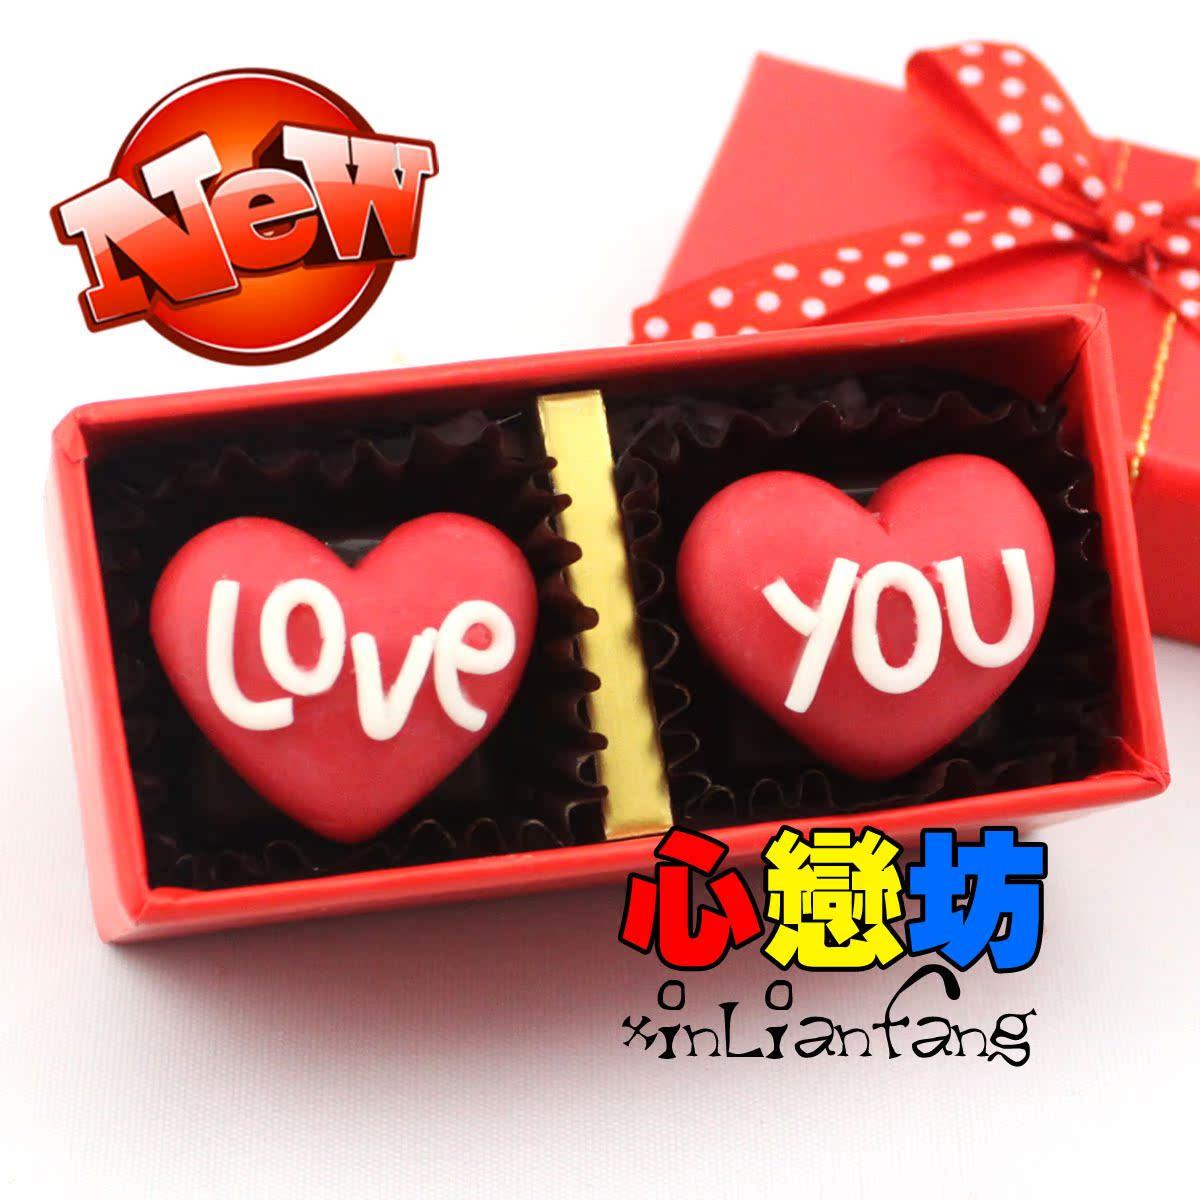 特制喜糖 手工巧克力DIY巧克力礼盒生日礼物送爱人情侣 婚庆喜糖